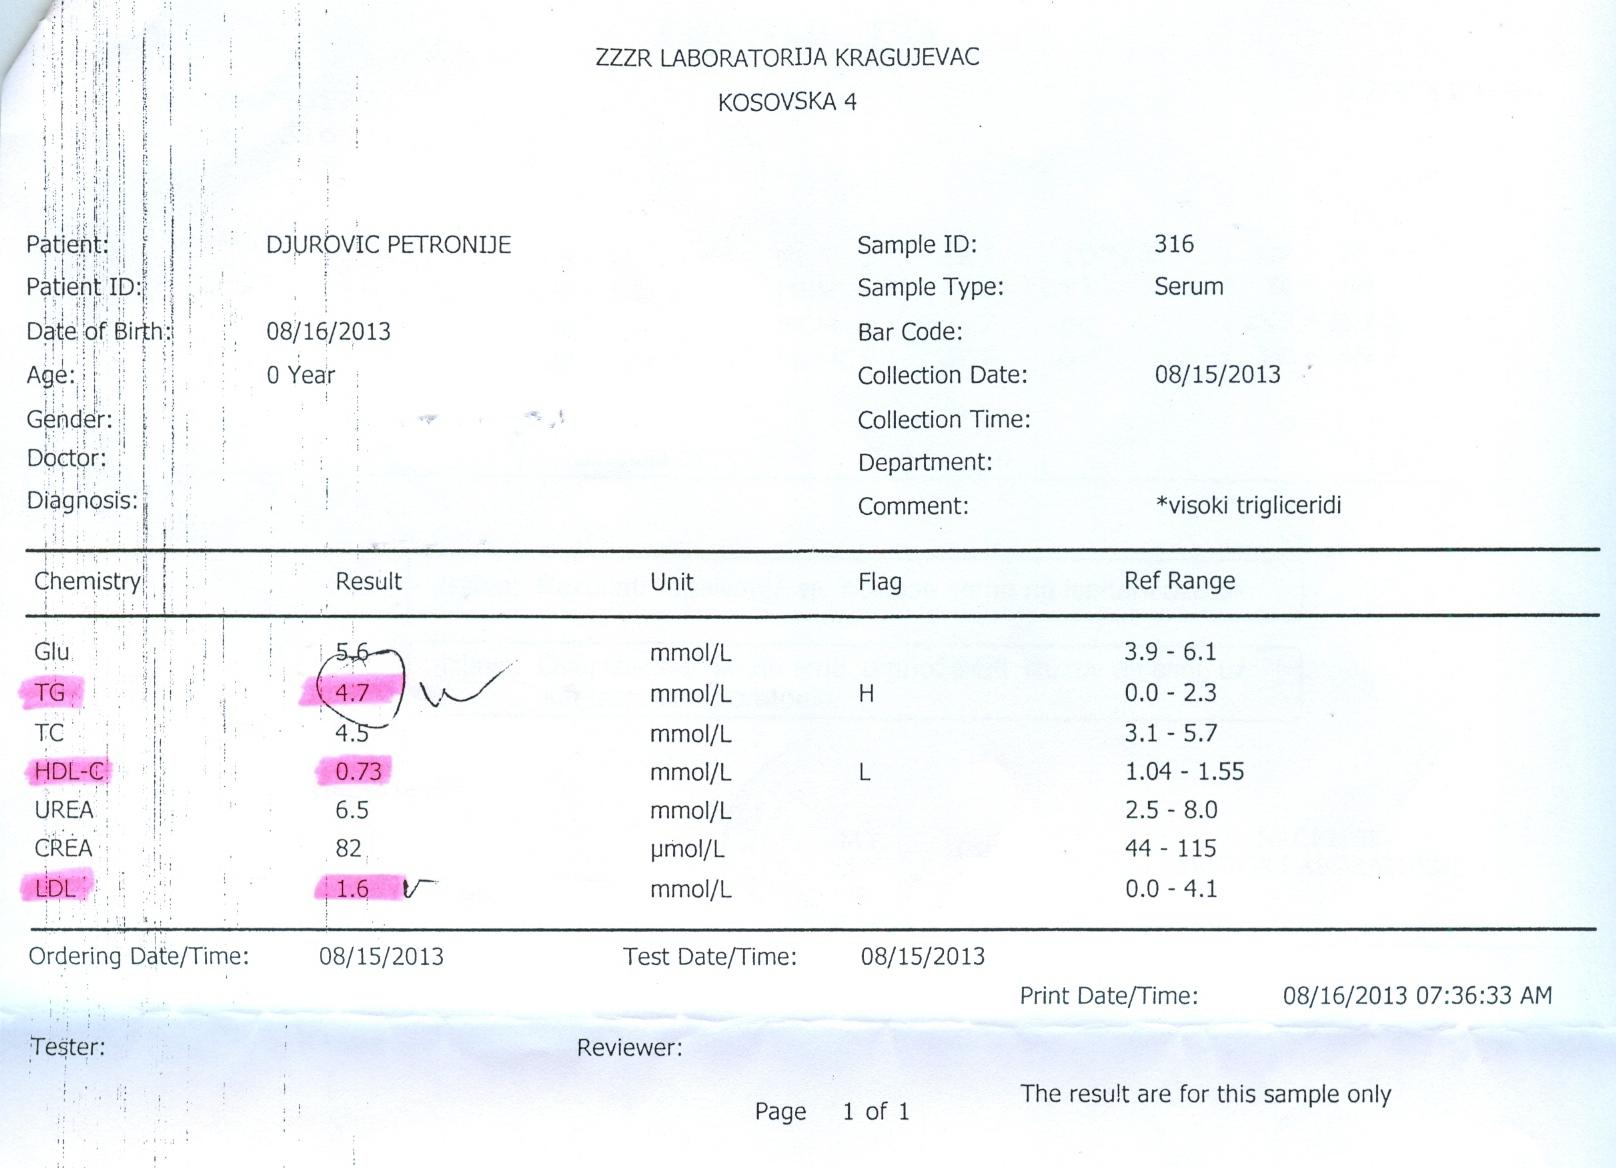 Petronije Djurovic, rezultati pre upotrebe Biljnih kapi sremuš